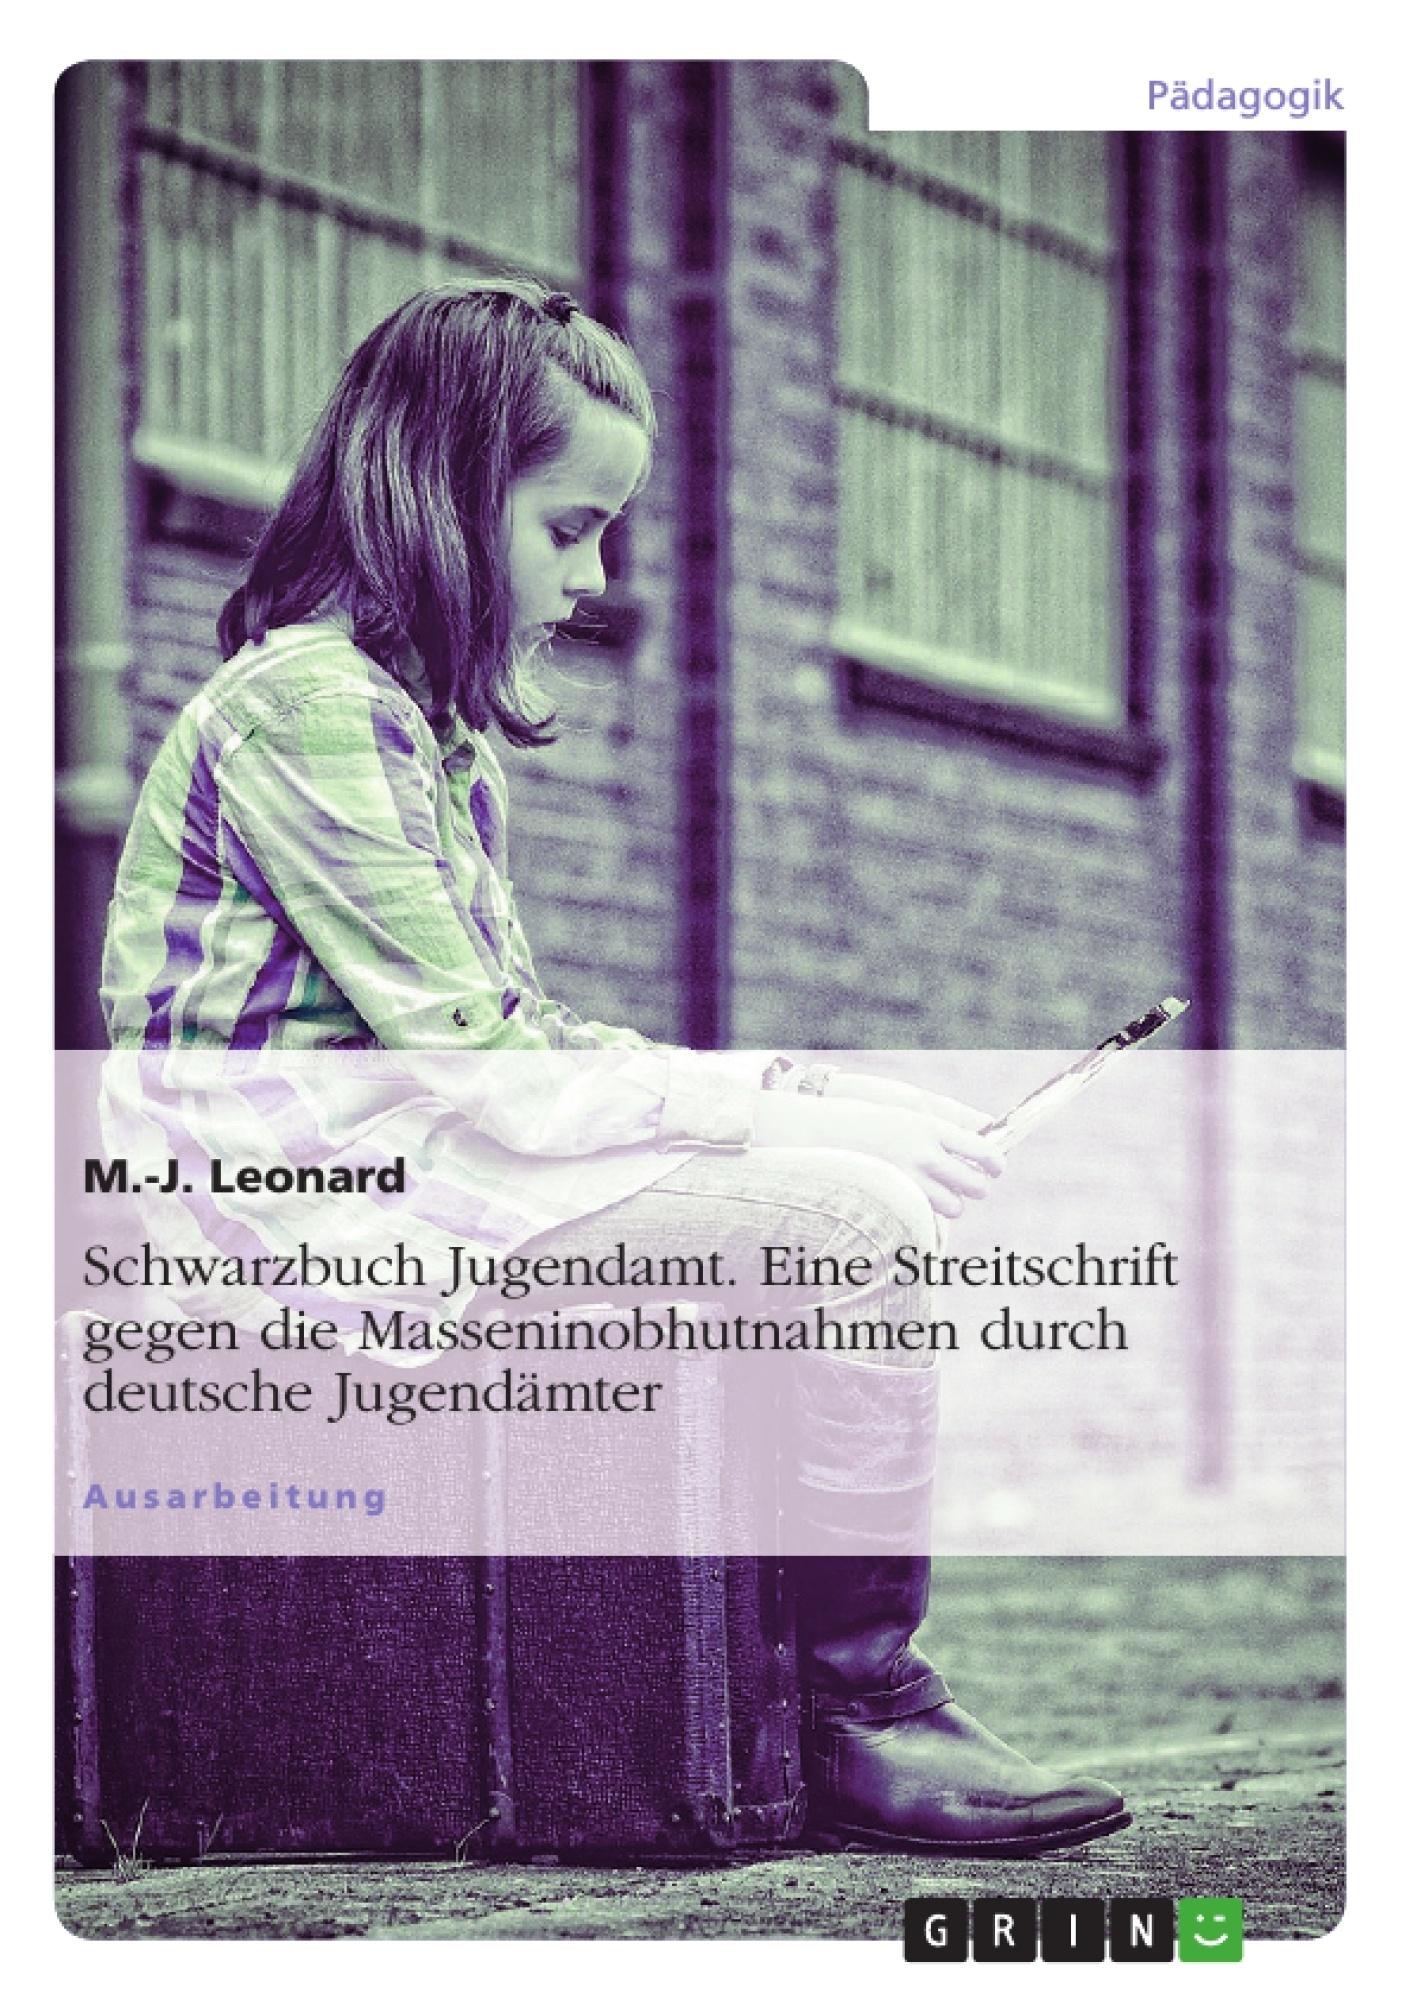 Titel: Schwarzbuch Jugendamt. Eine Streitschrift gegen die Masseninobhutnahmen durch deutsche Jugendämter